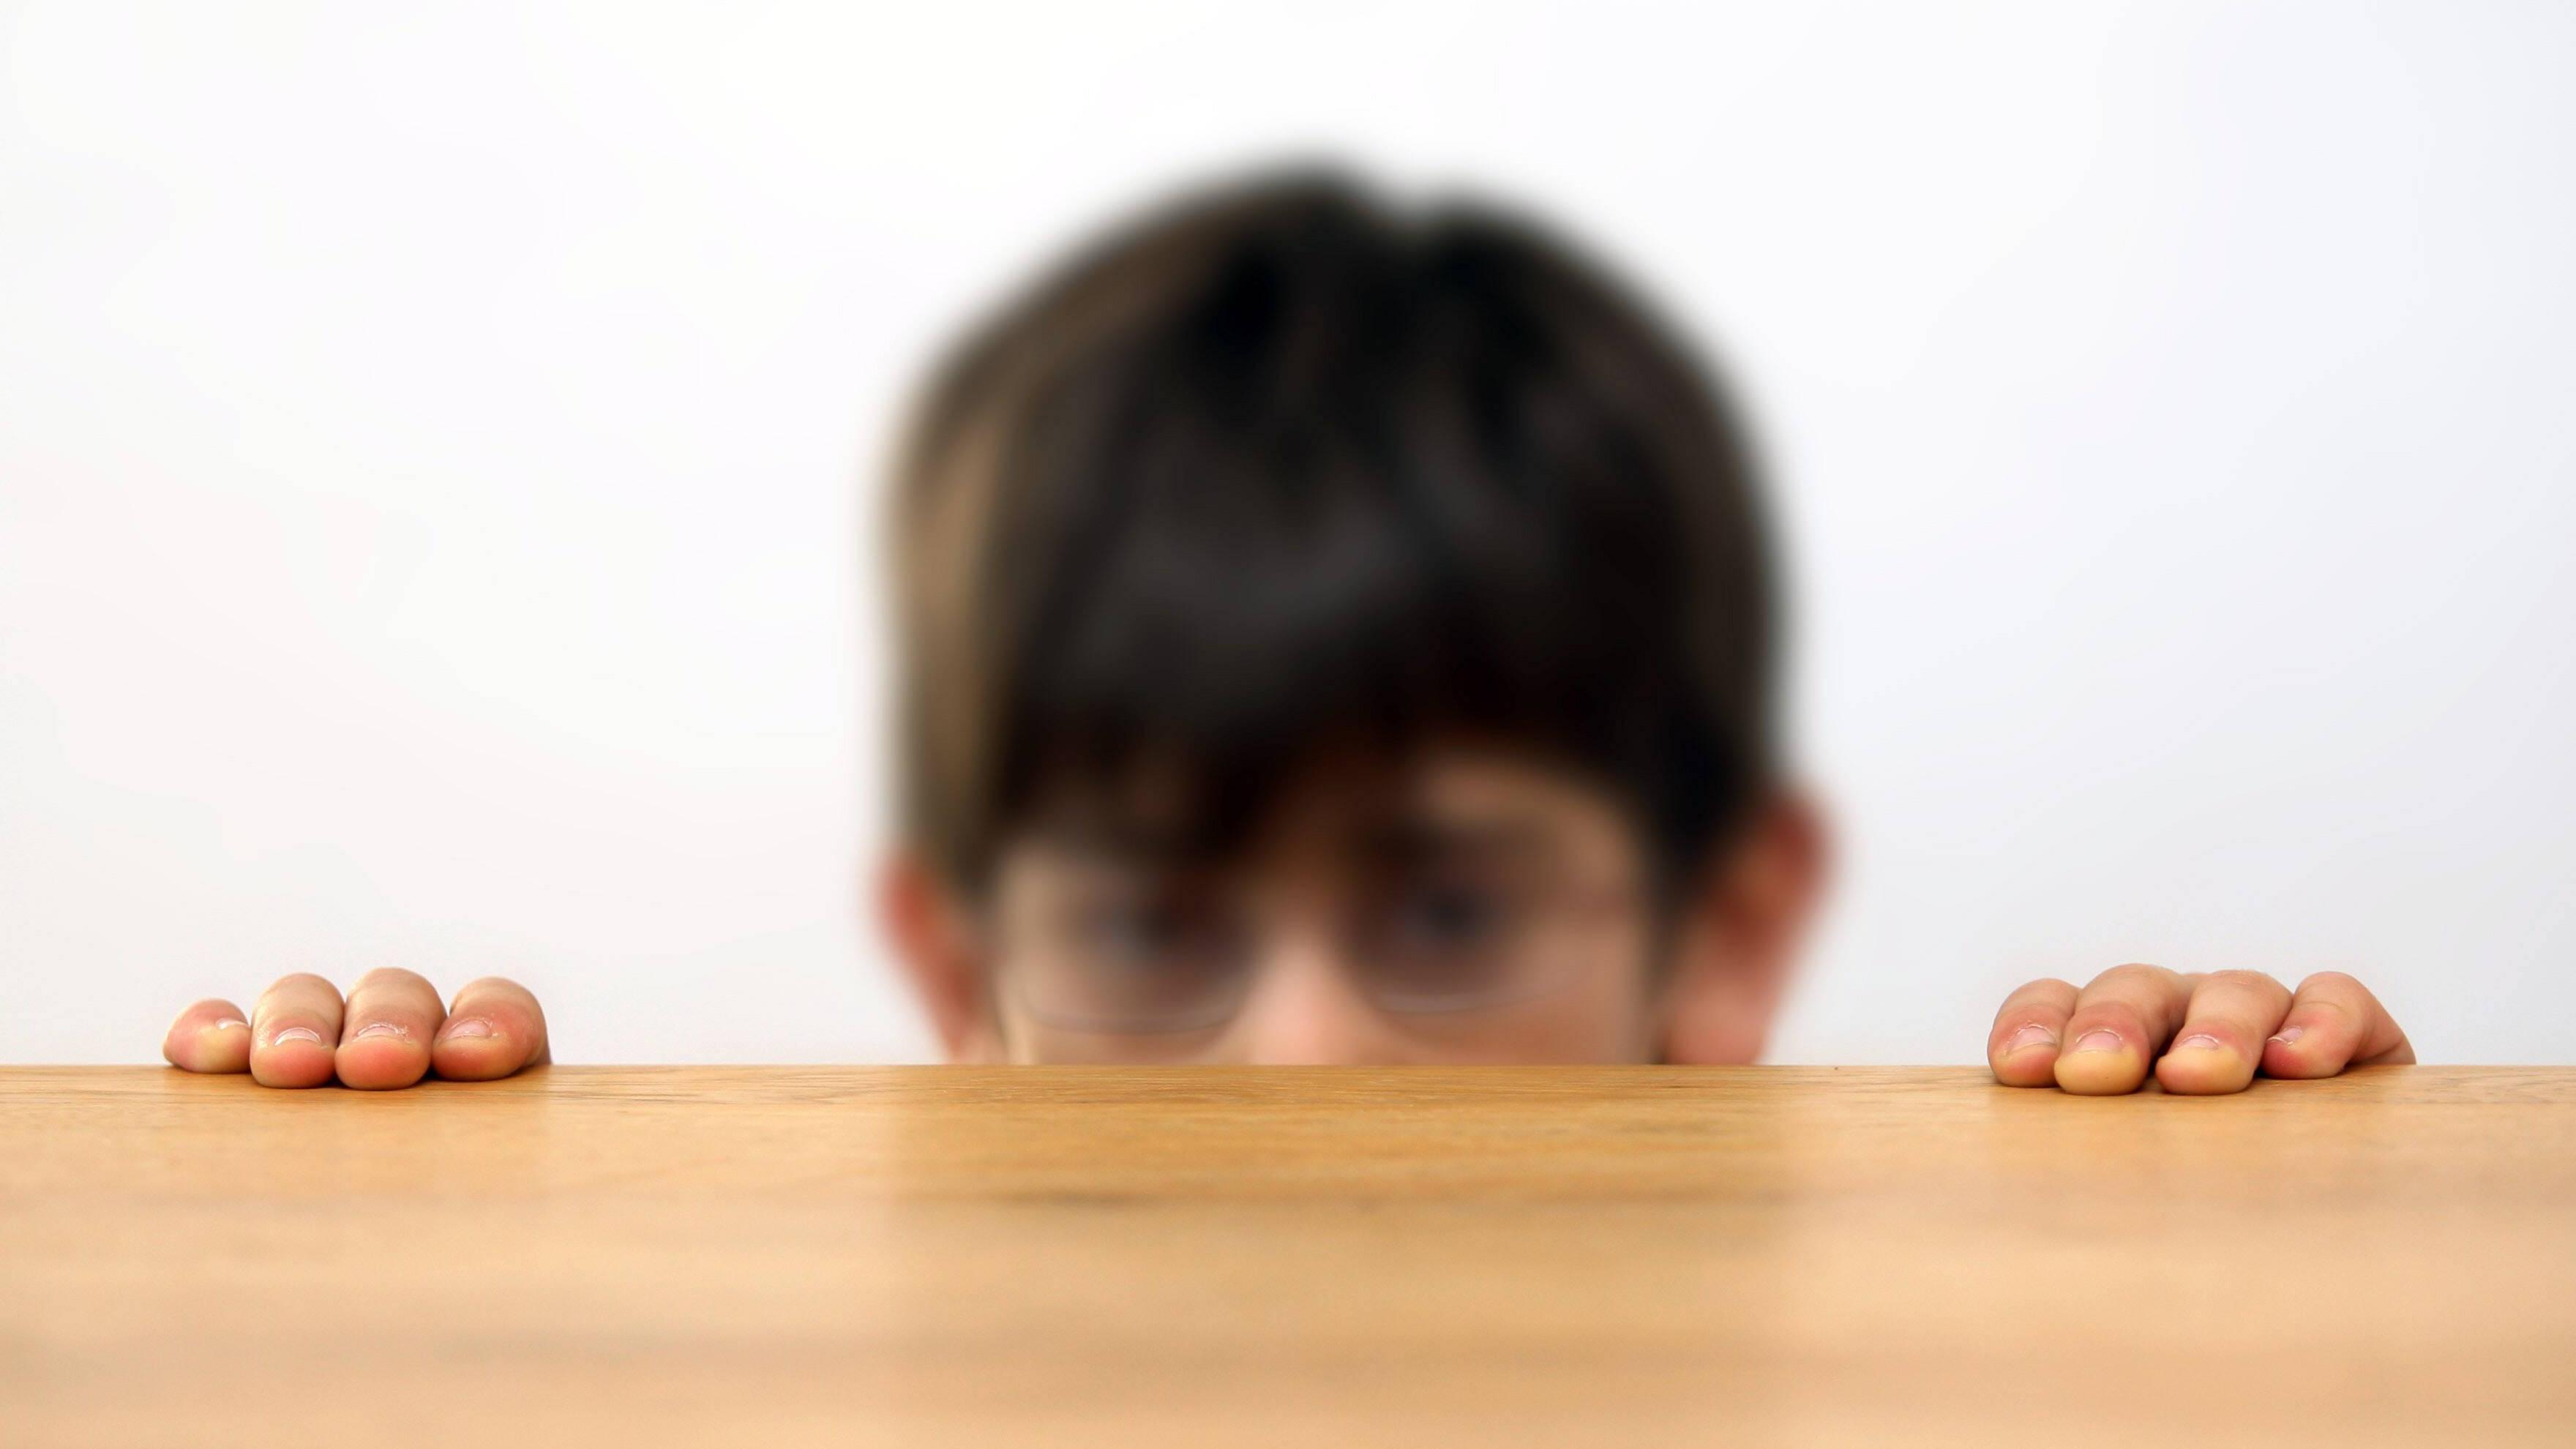 Kind zwinkert ständig mit den Augen: Daran kann es liegen